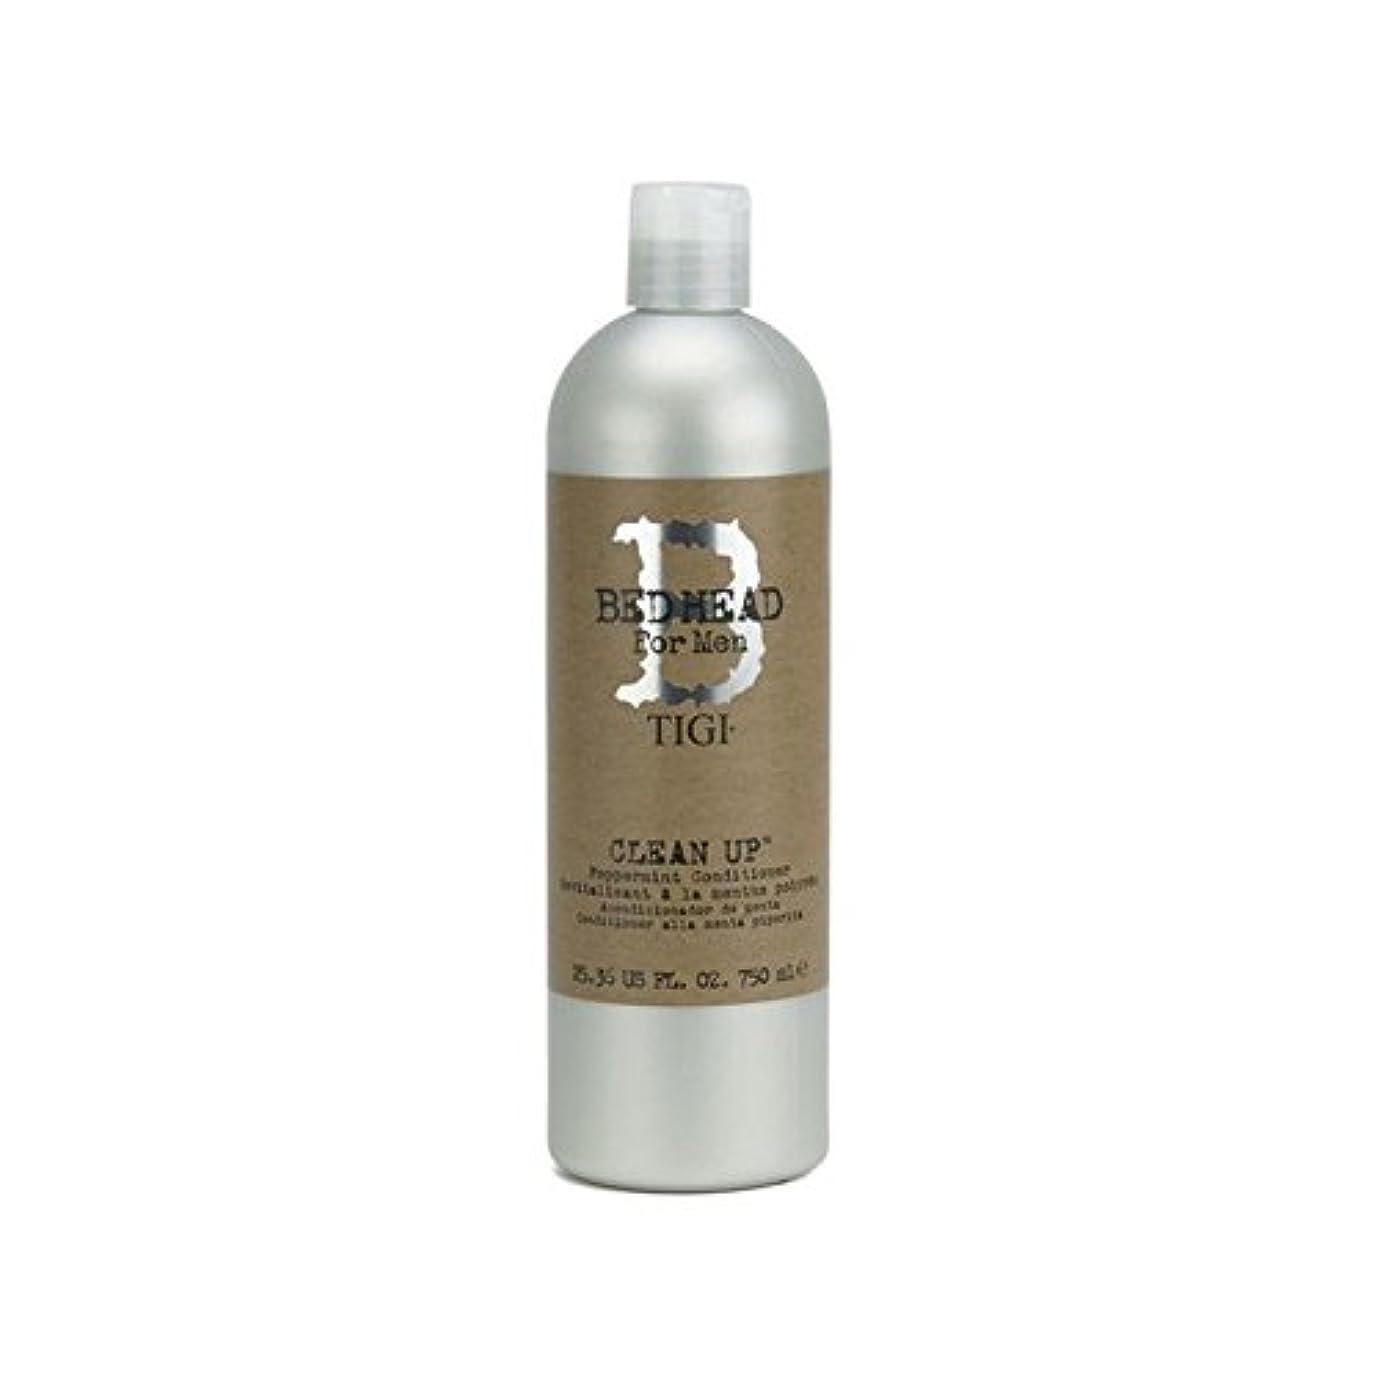 逸話一生ふざけたTigi Bed Head For Men Clean Up Peppermint Conditioner (750ml) - ペパーミントコンディショナーをクリーンアップする男性のためのティジーベッドヘッド(750ミリリットル) [並行輸入品]